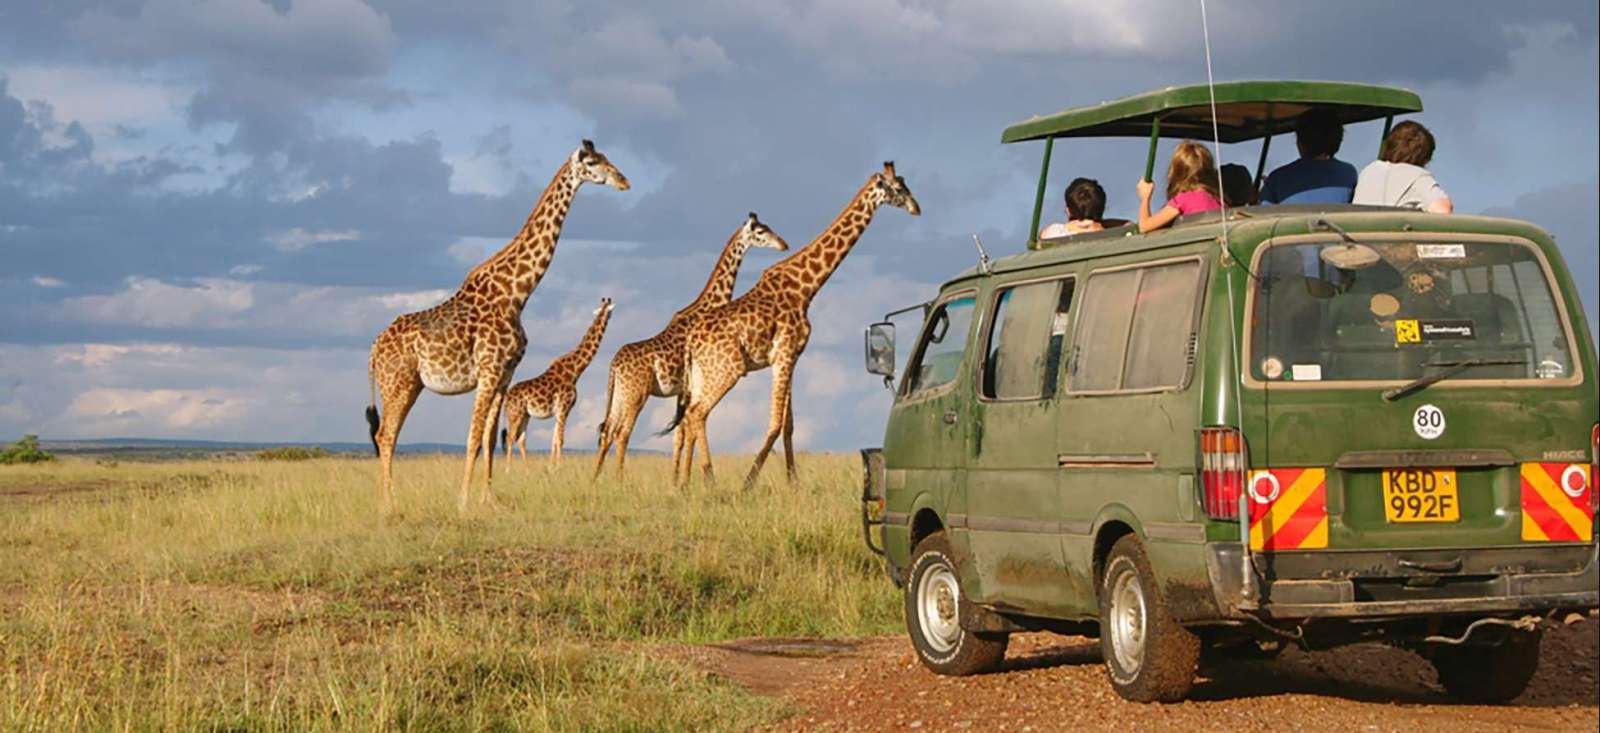 Voyage à pied Kenya : Il était une fois au Kenya...